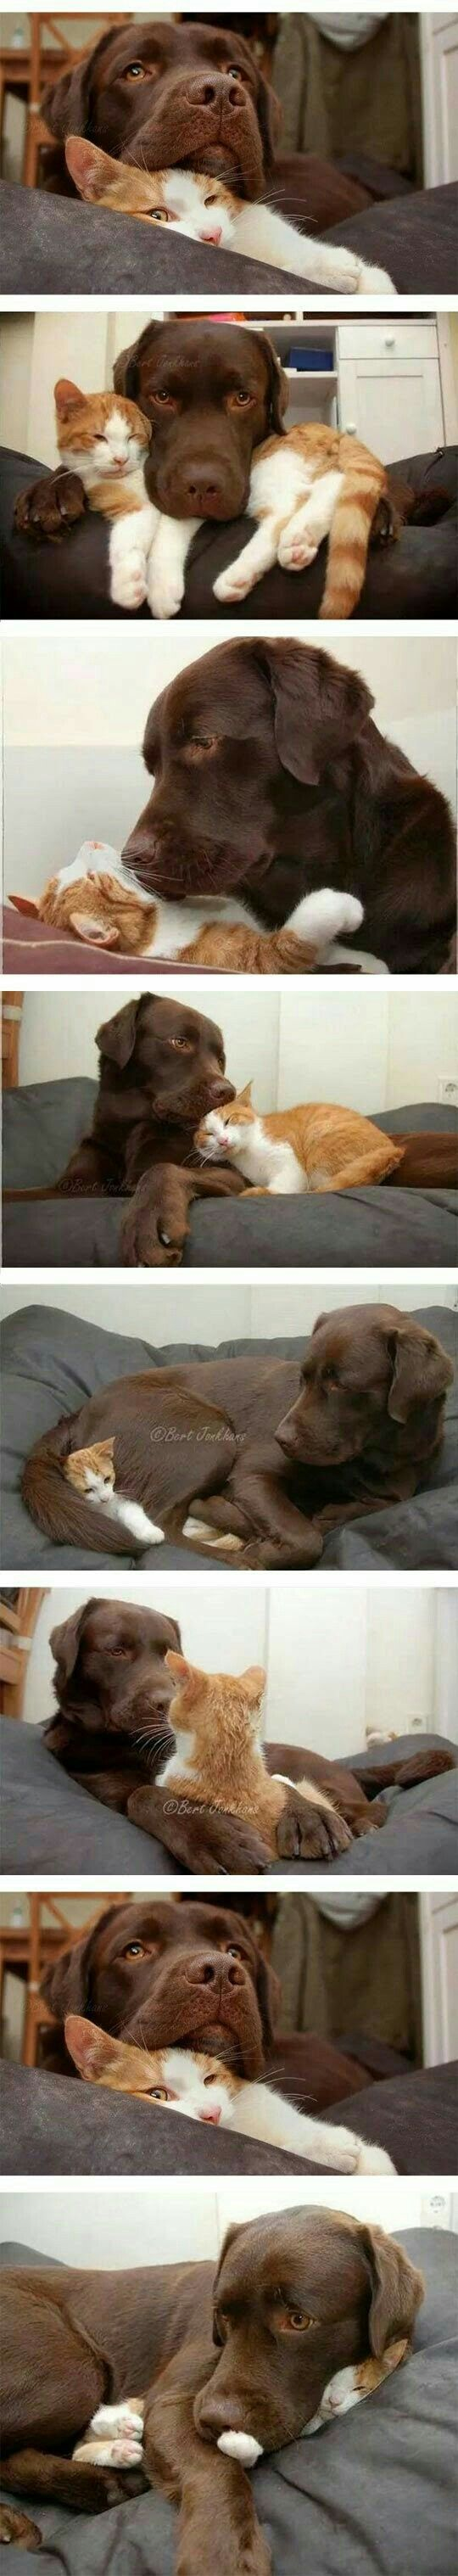 Dog x cat x dog